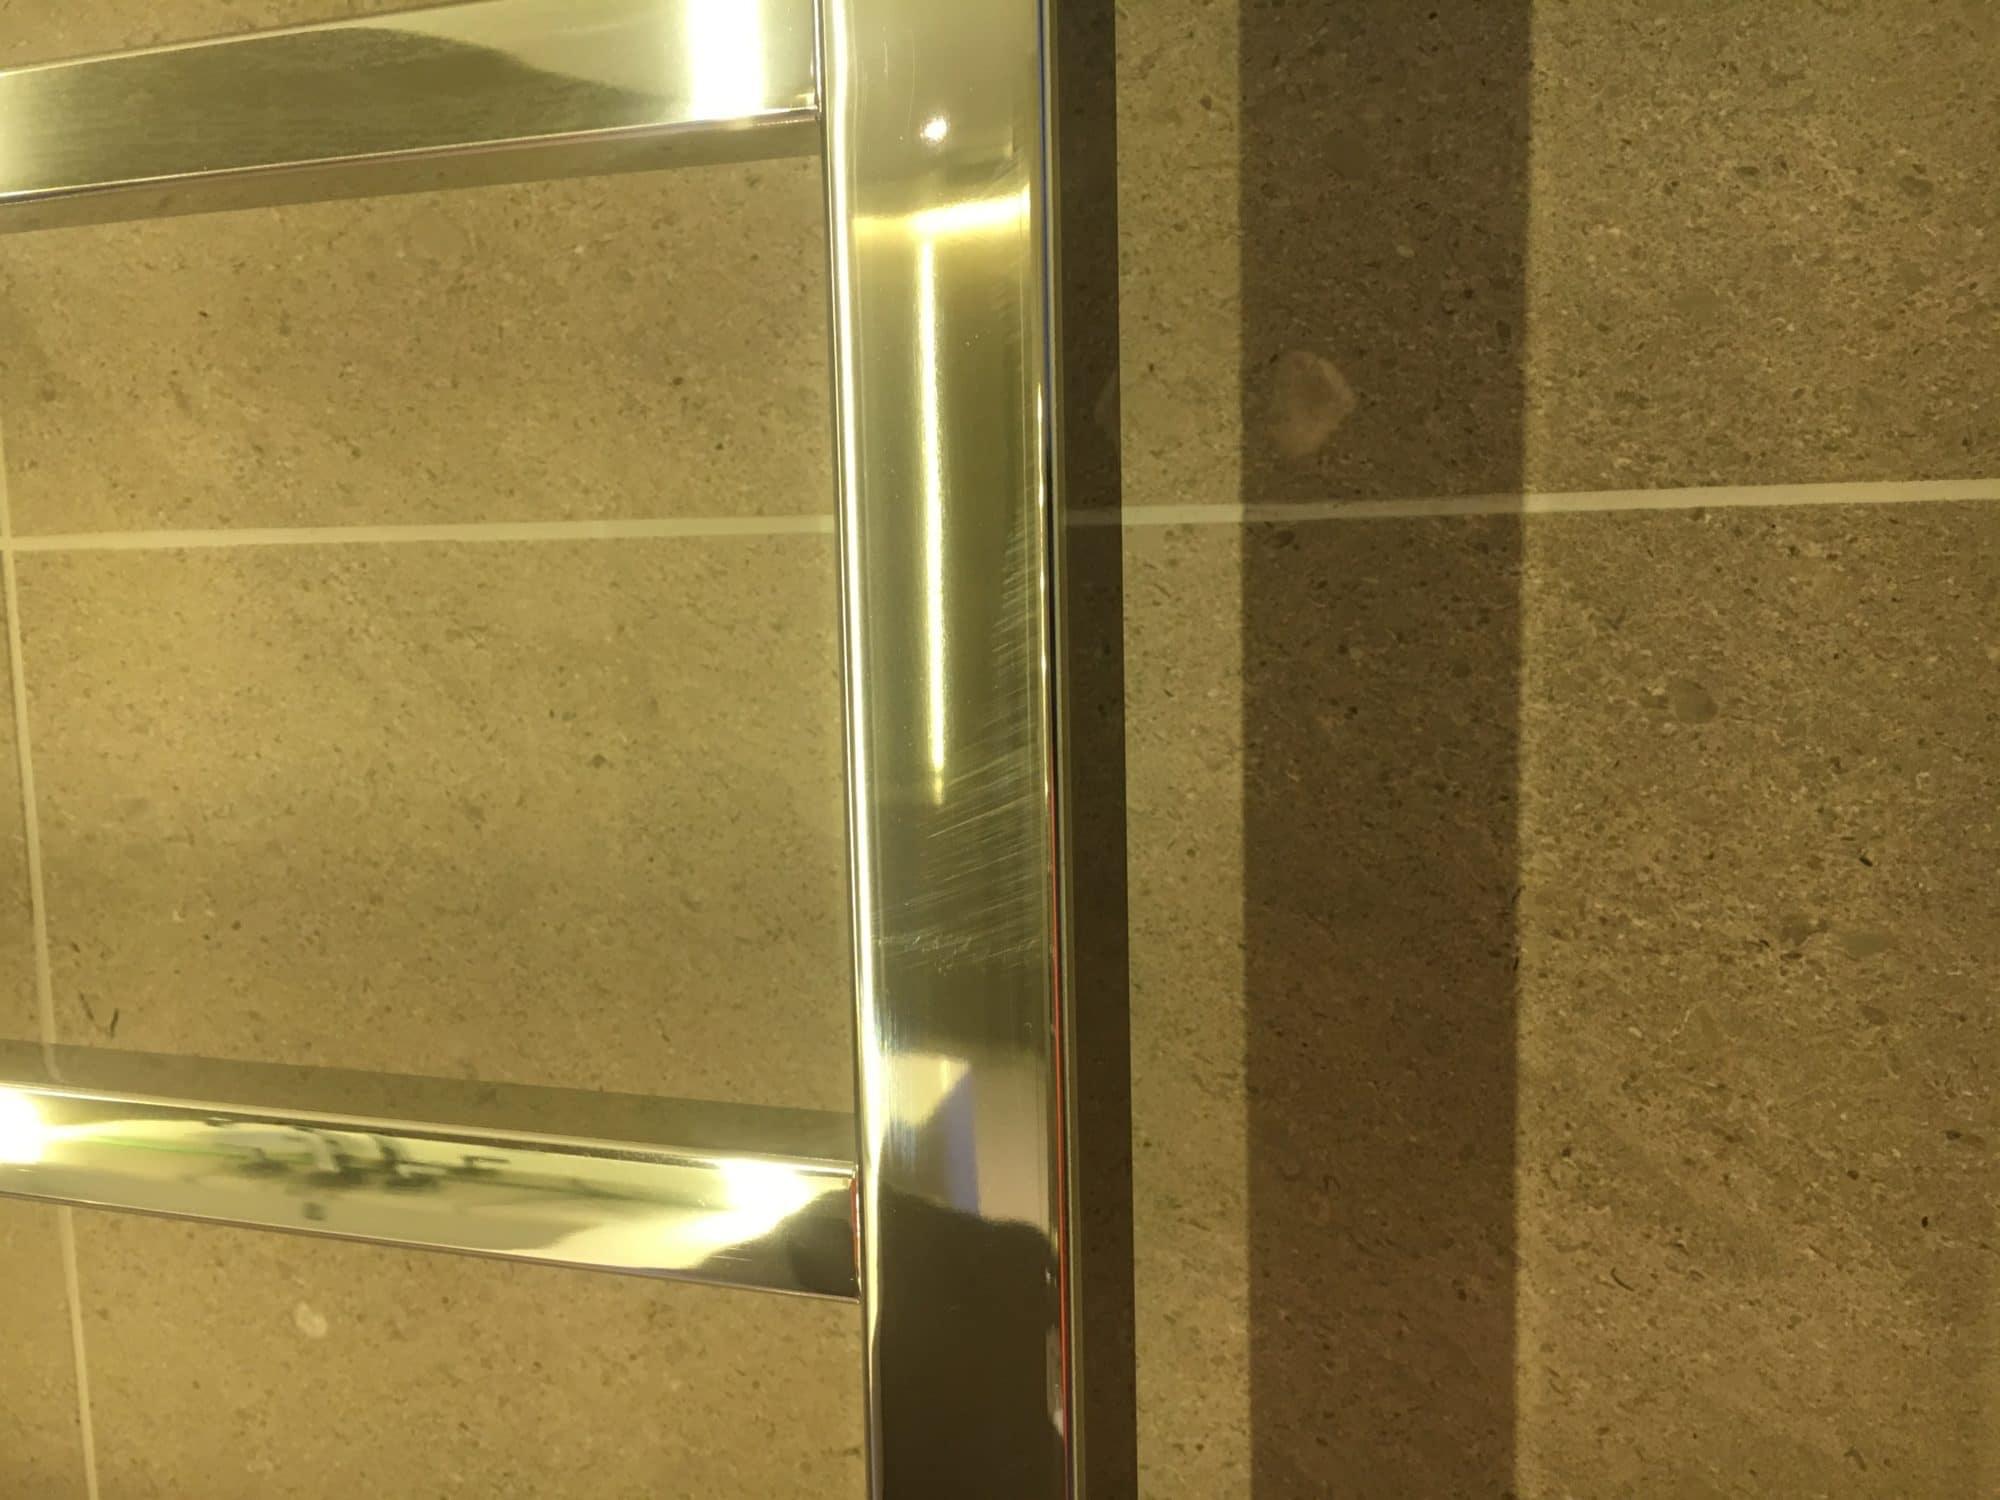 Chrome Towel Rail Scratch Repair | Bespoke Repairs